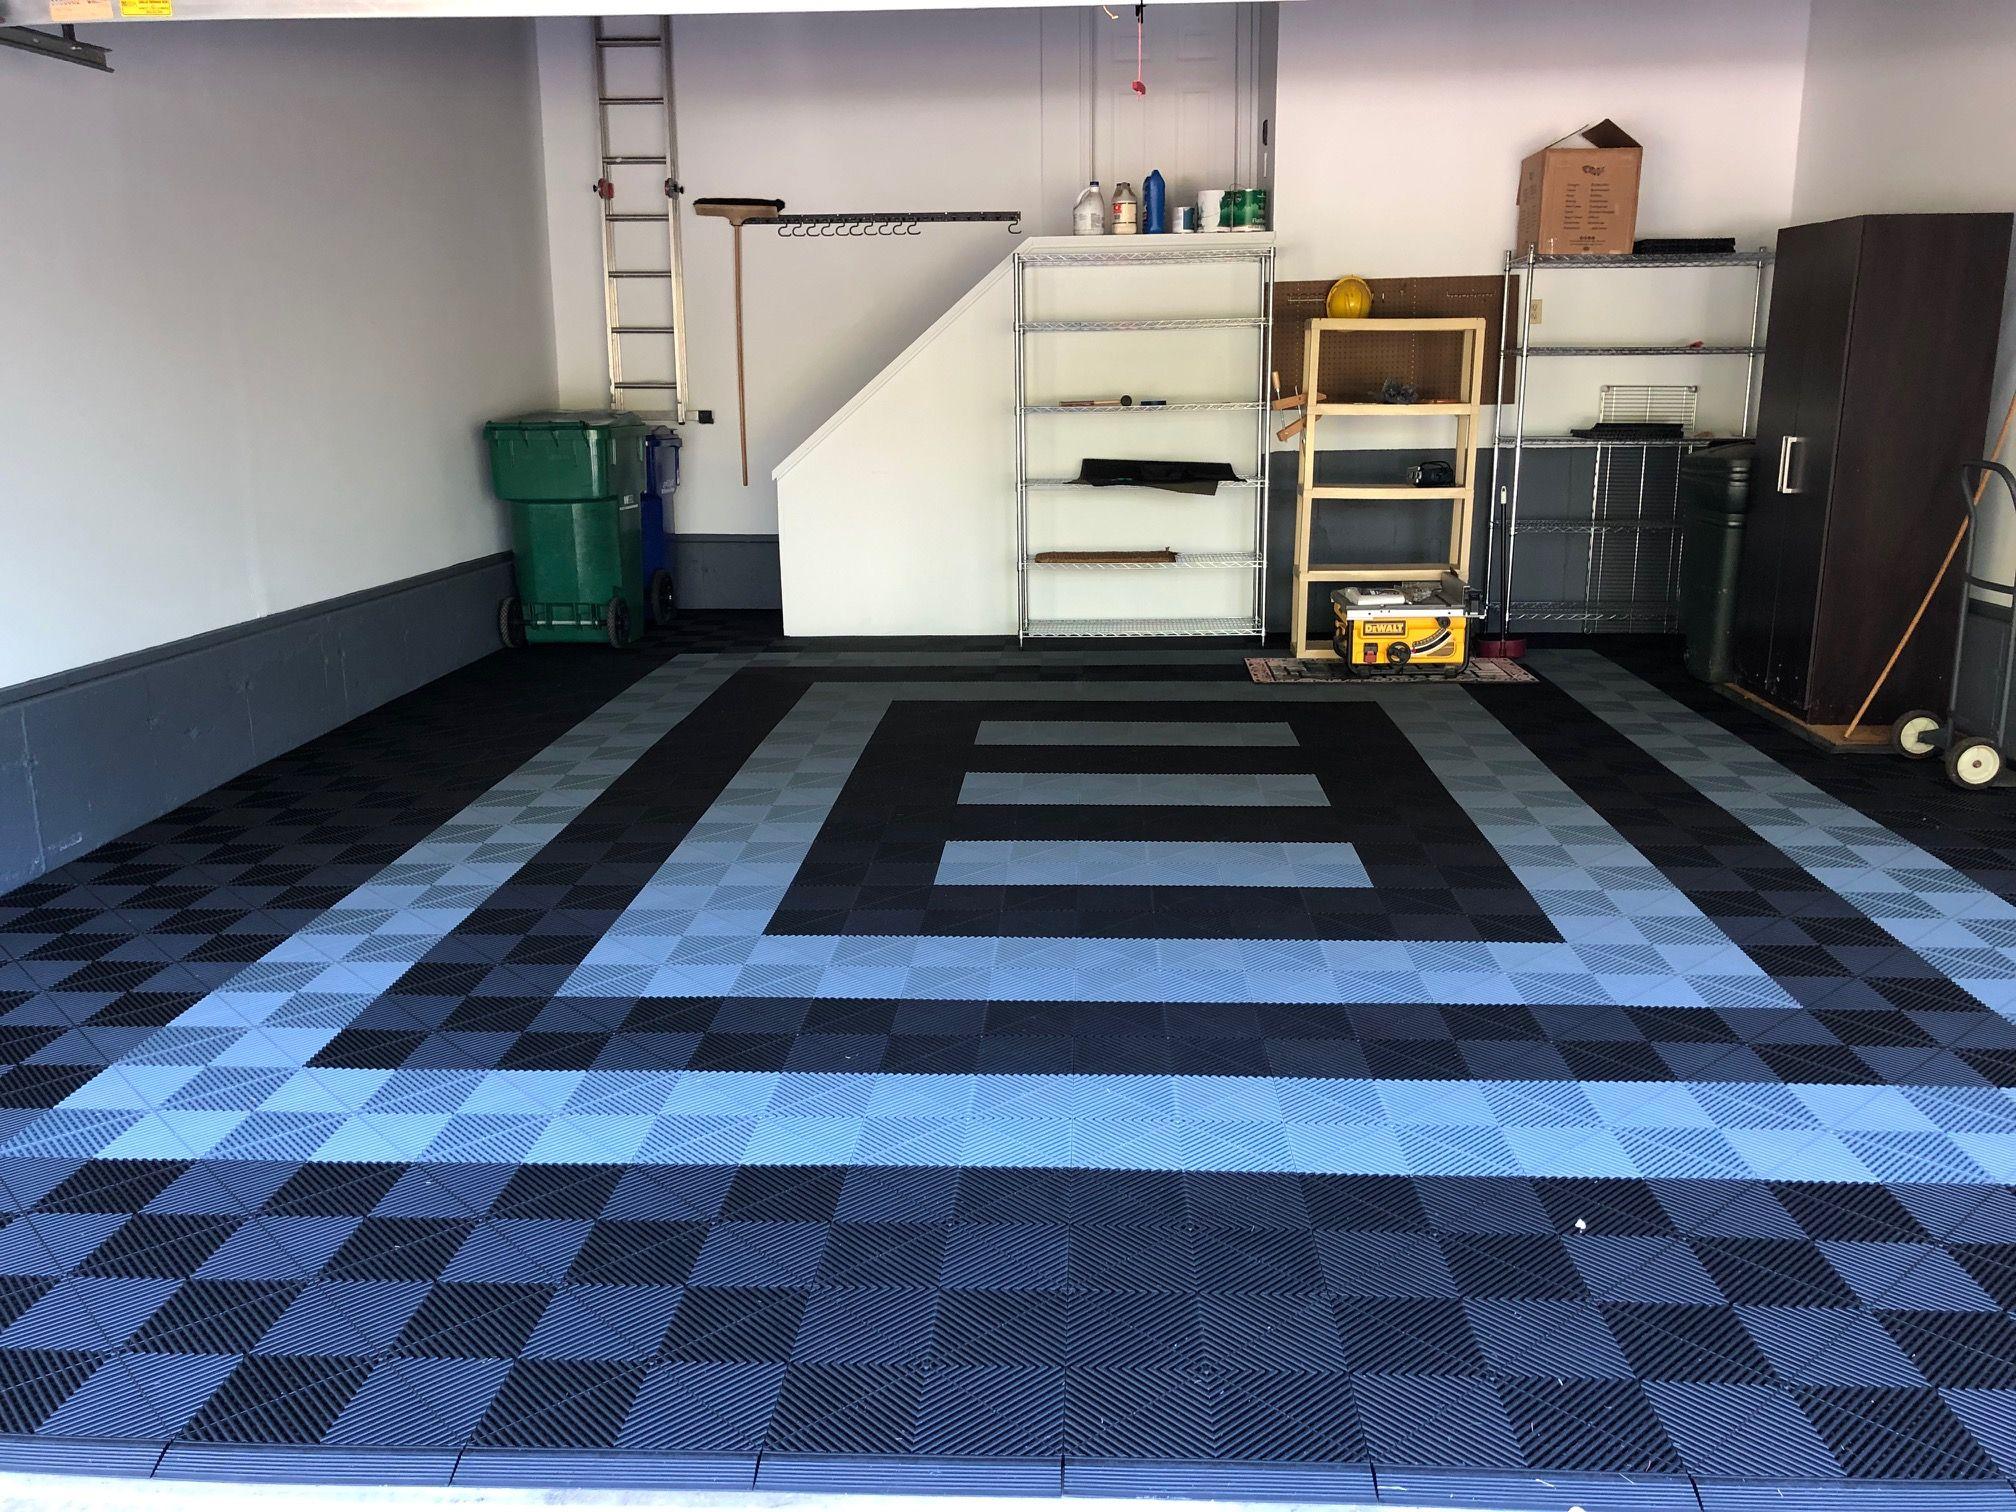 Garage Floor Tiles Customize With Premium Garage Flooring Floor Design Garage Design Garage Floor Tiles